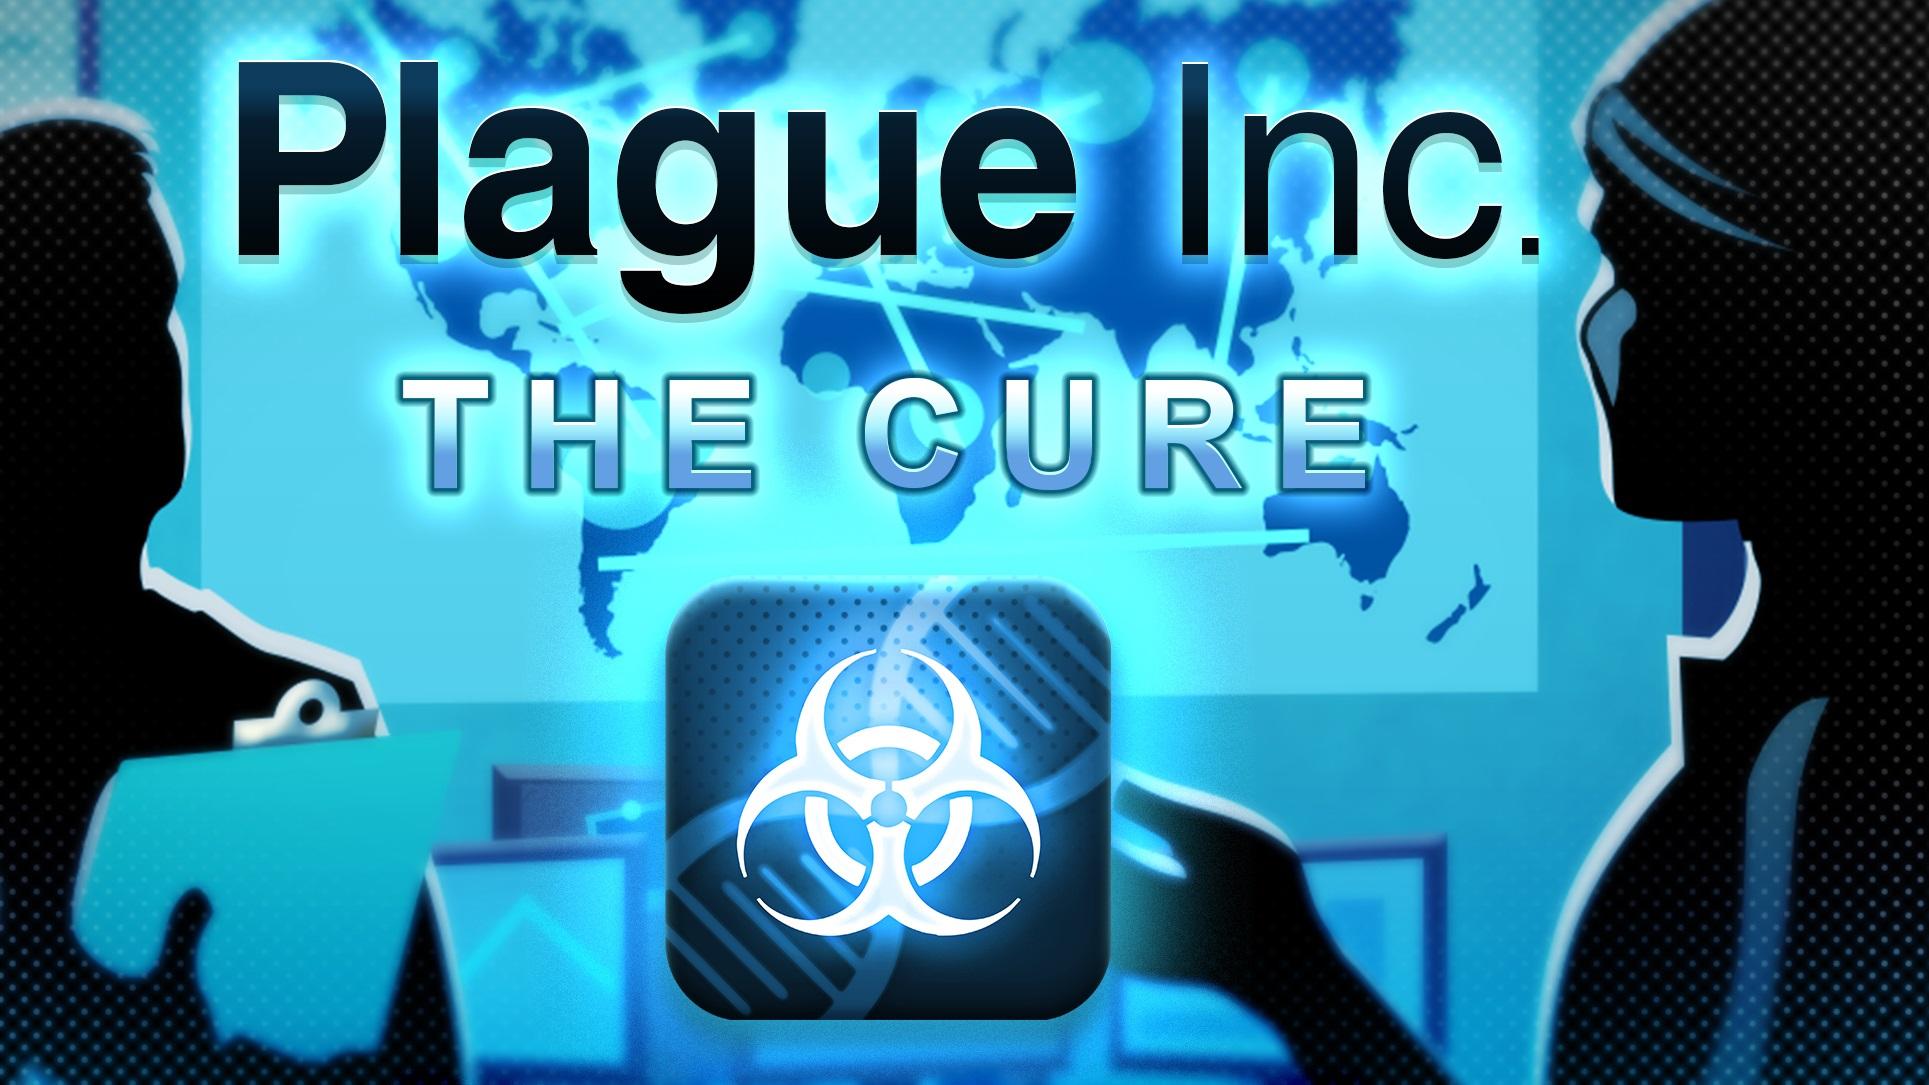 Симулятор пандемии Plague Inc. добавил режим борьбы с инфекциями